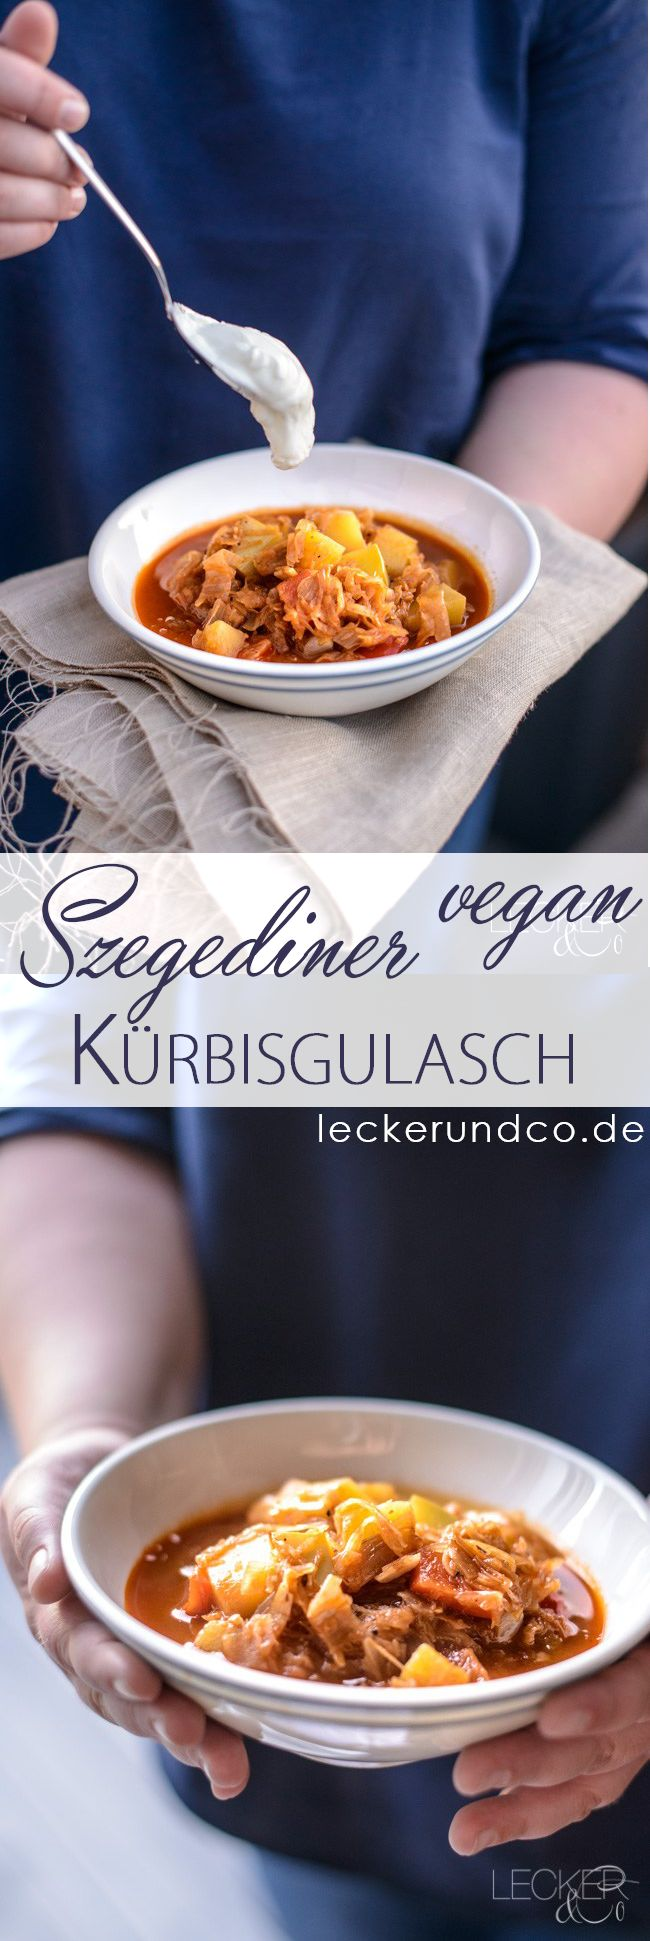 Szegediner Kürbisgulasch | veganes Gulasch mit Butternut Kürbis und Sauerkraut